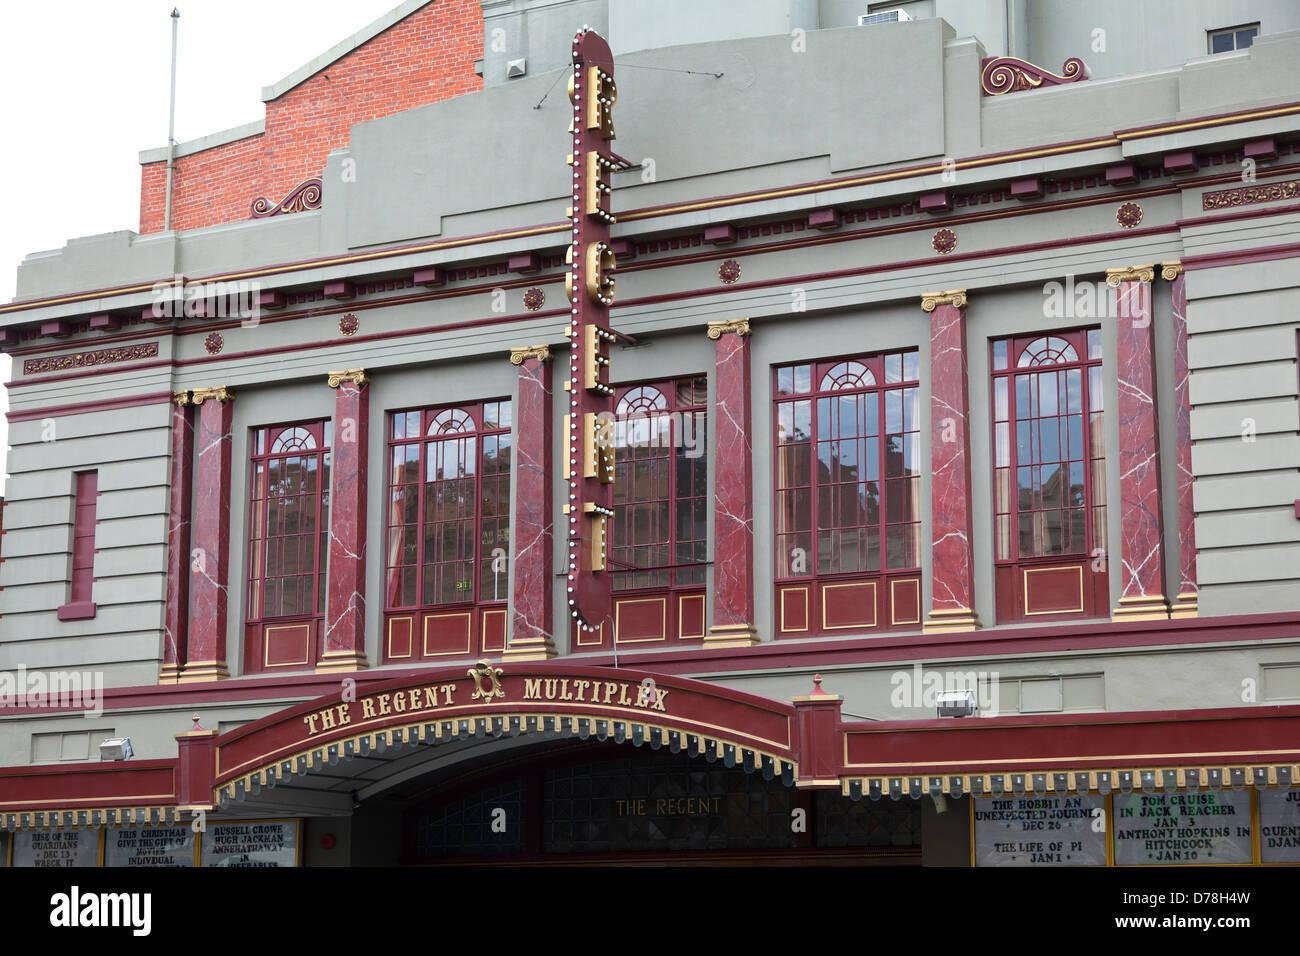 The Regent Multiplex cinema in Ballarat,Victoria, Australia - Stock Image